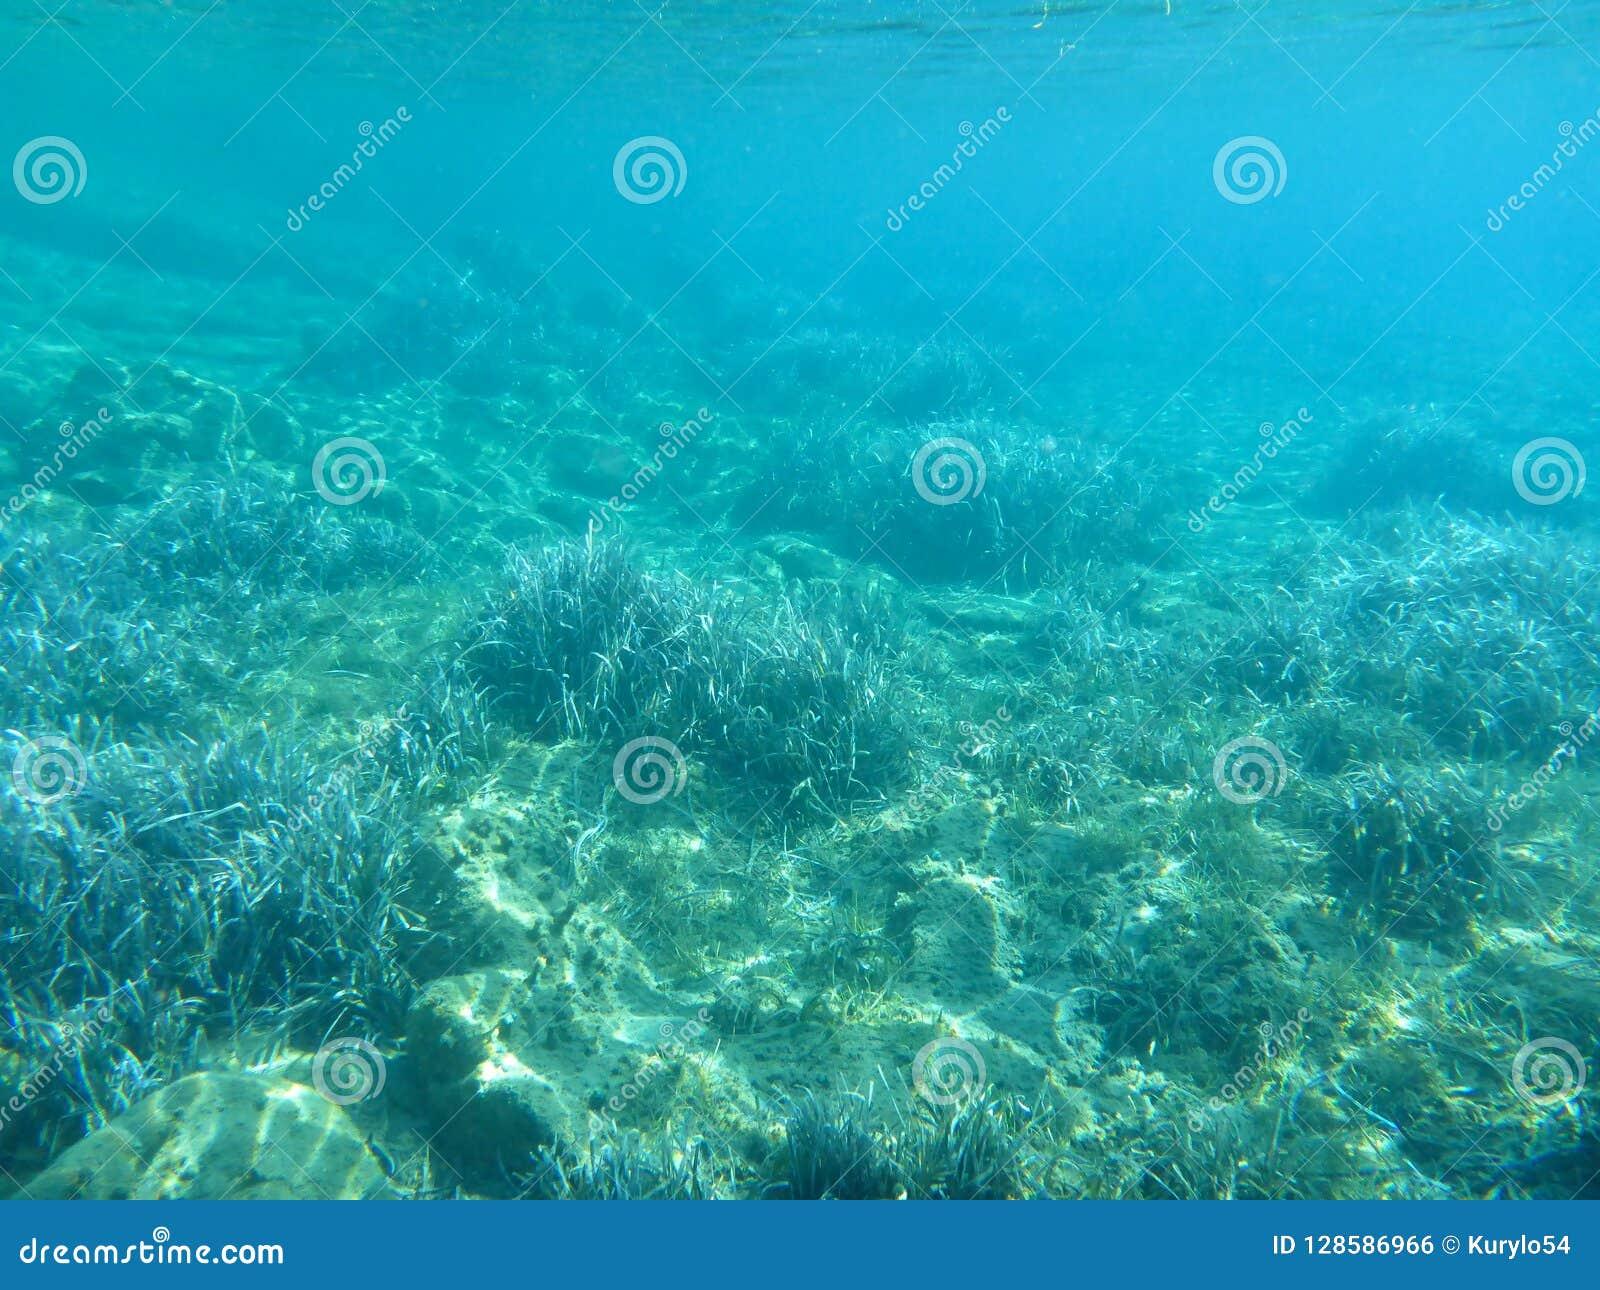 Podwodny życie - rośliny wodne w Kolona kopii zatoki Kythnos wyspie Cyclades Grecja, morze egejskie